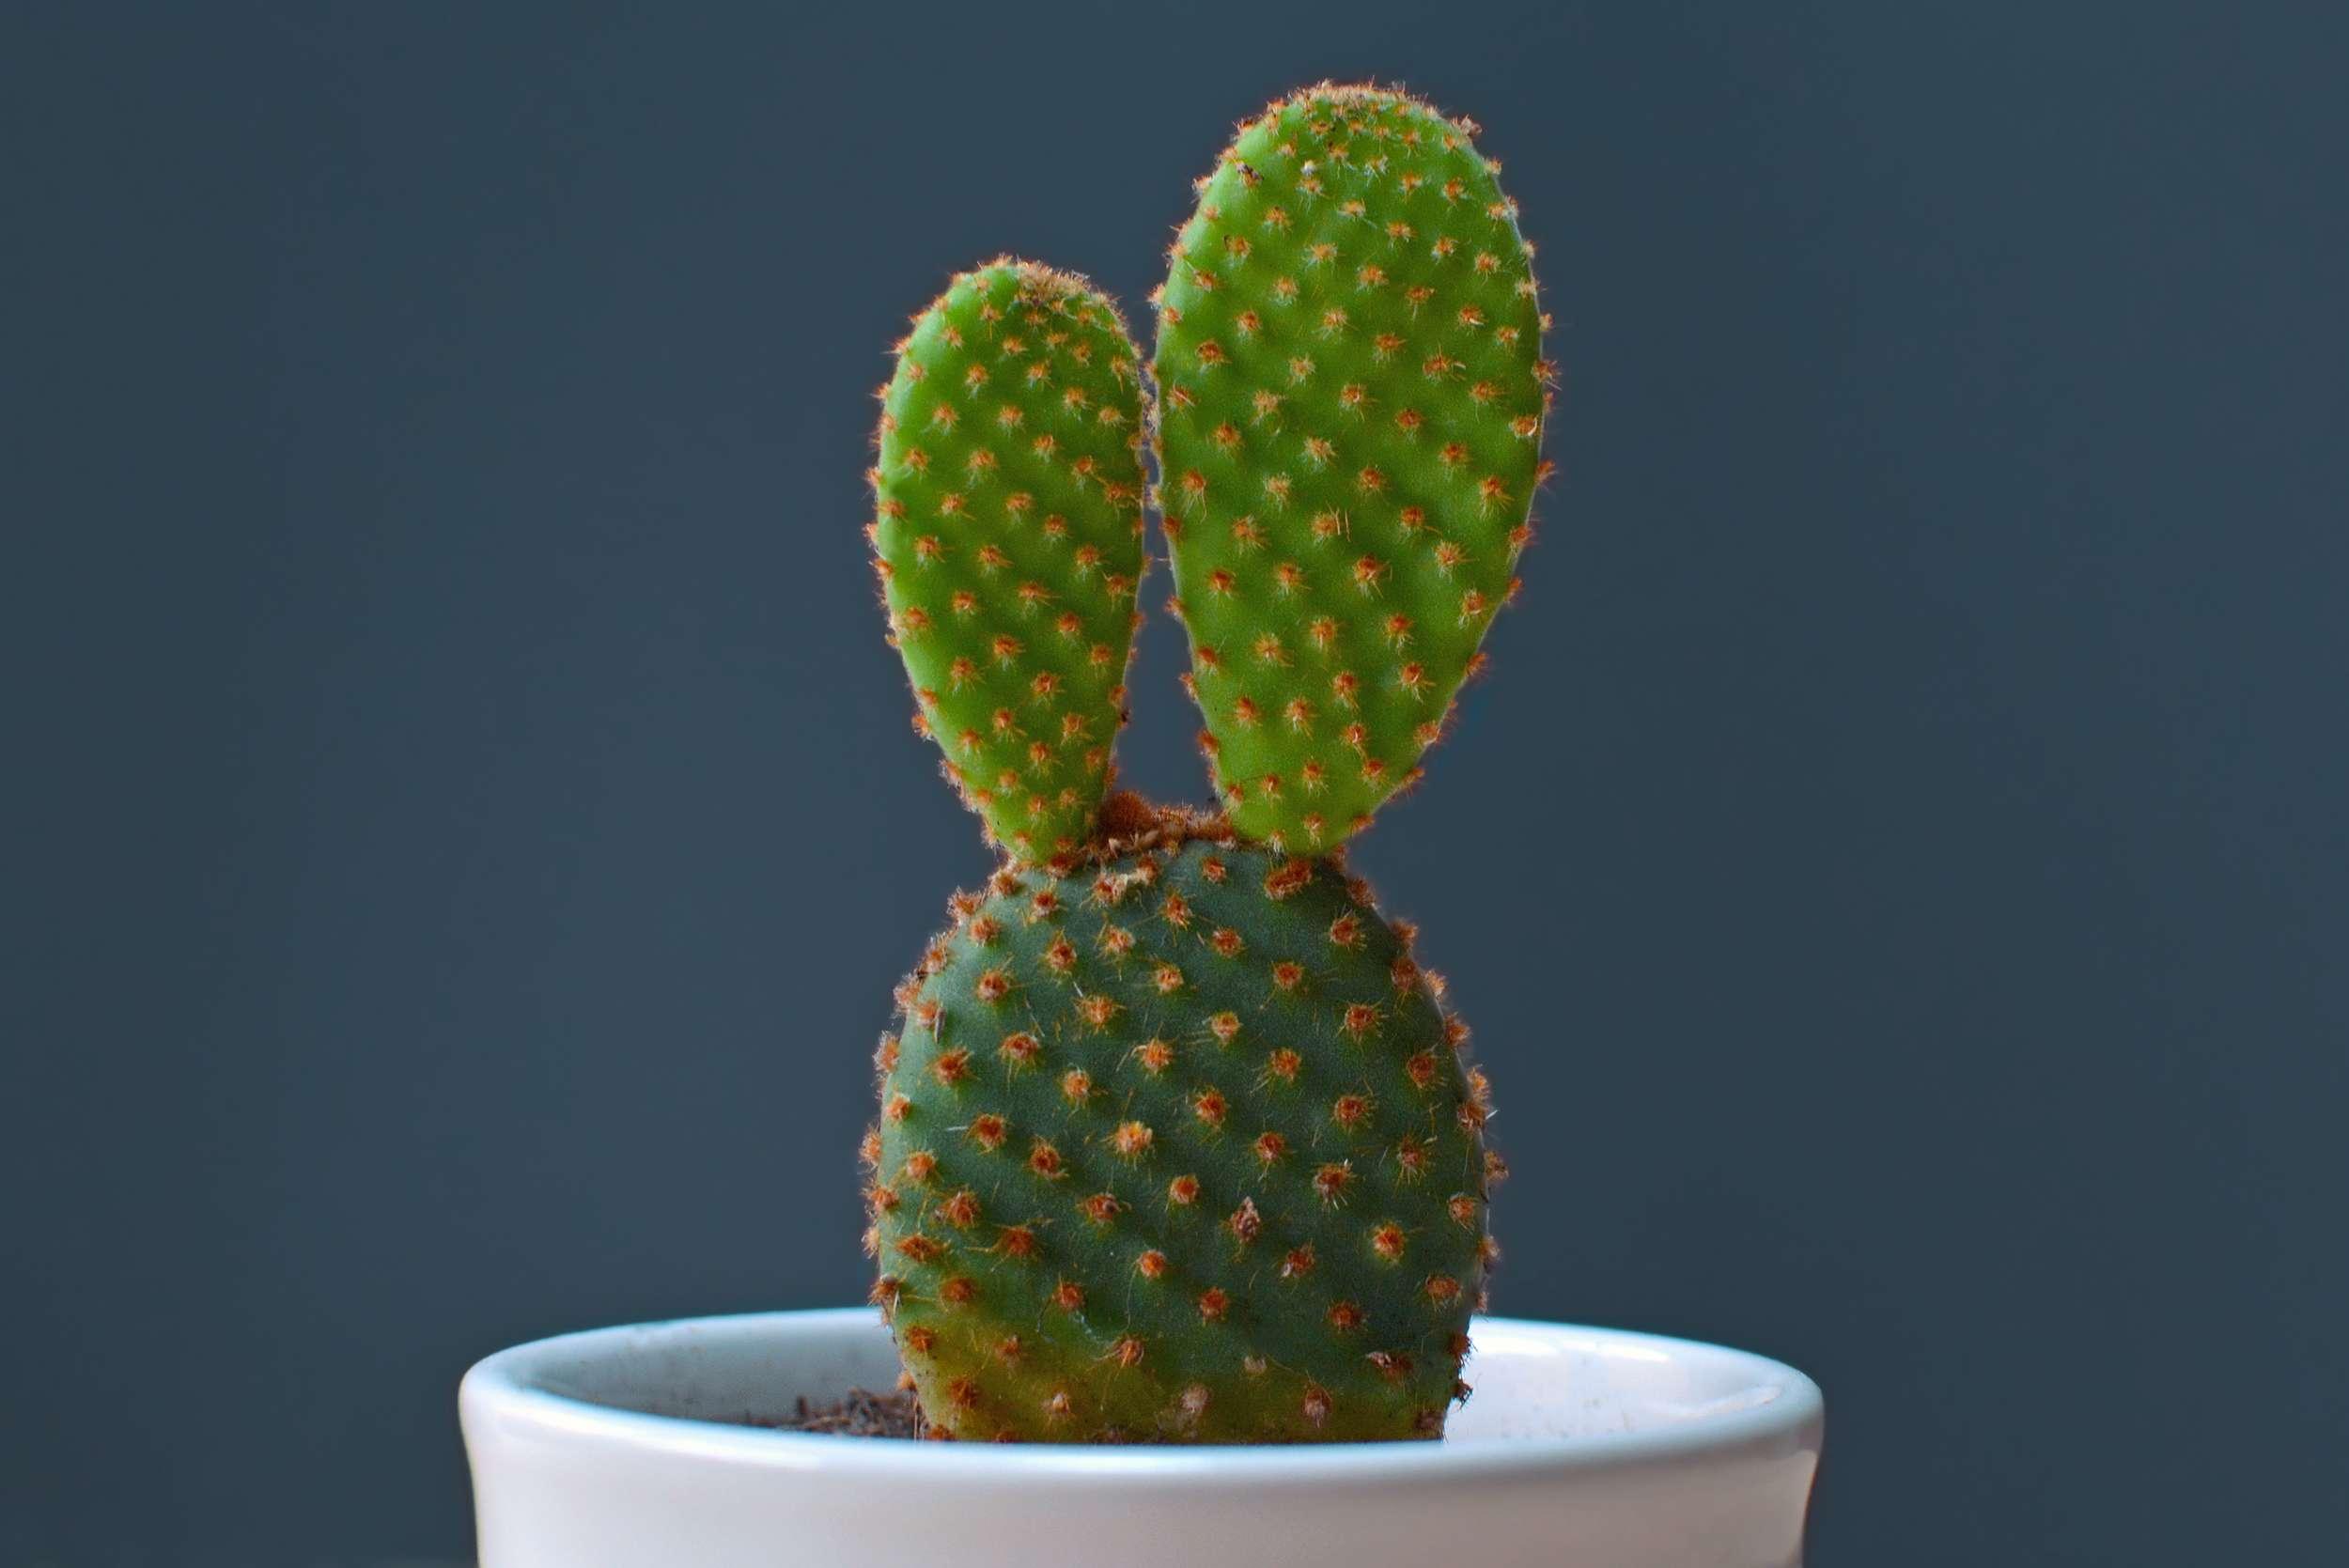 Bunny Ear Cactus Opuntia Microdasys